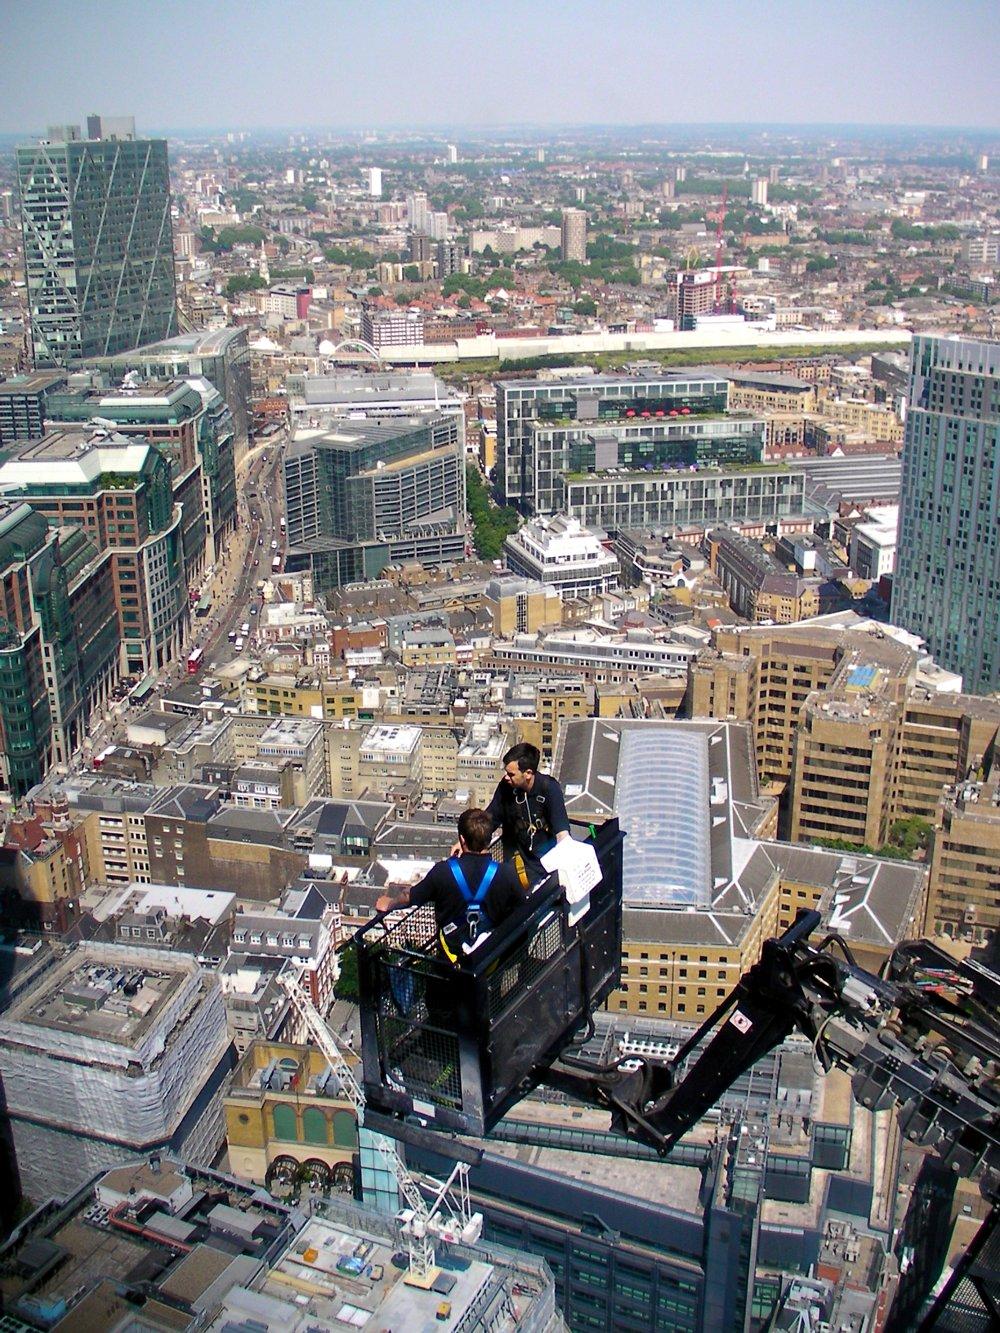 Иллюстрация к интервью с мойщиком поверхности 40-этажного здания в Лондоне. Вид с вершины здания